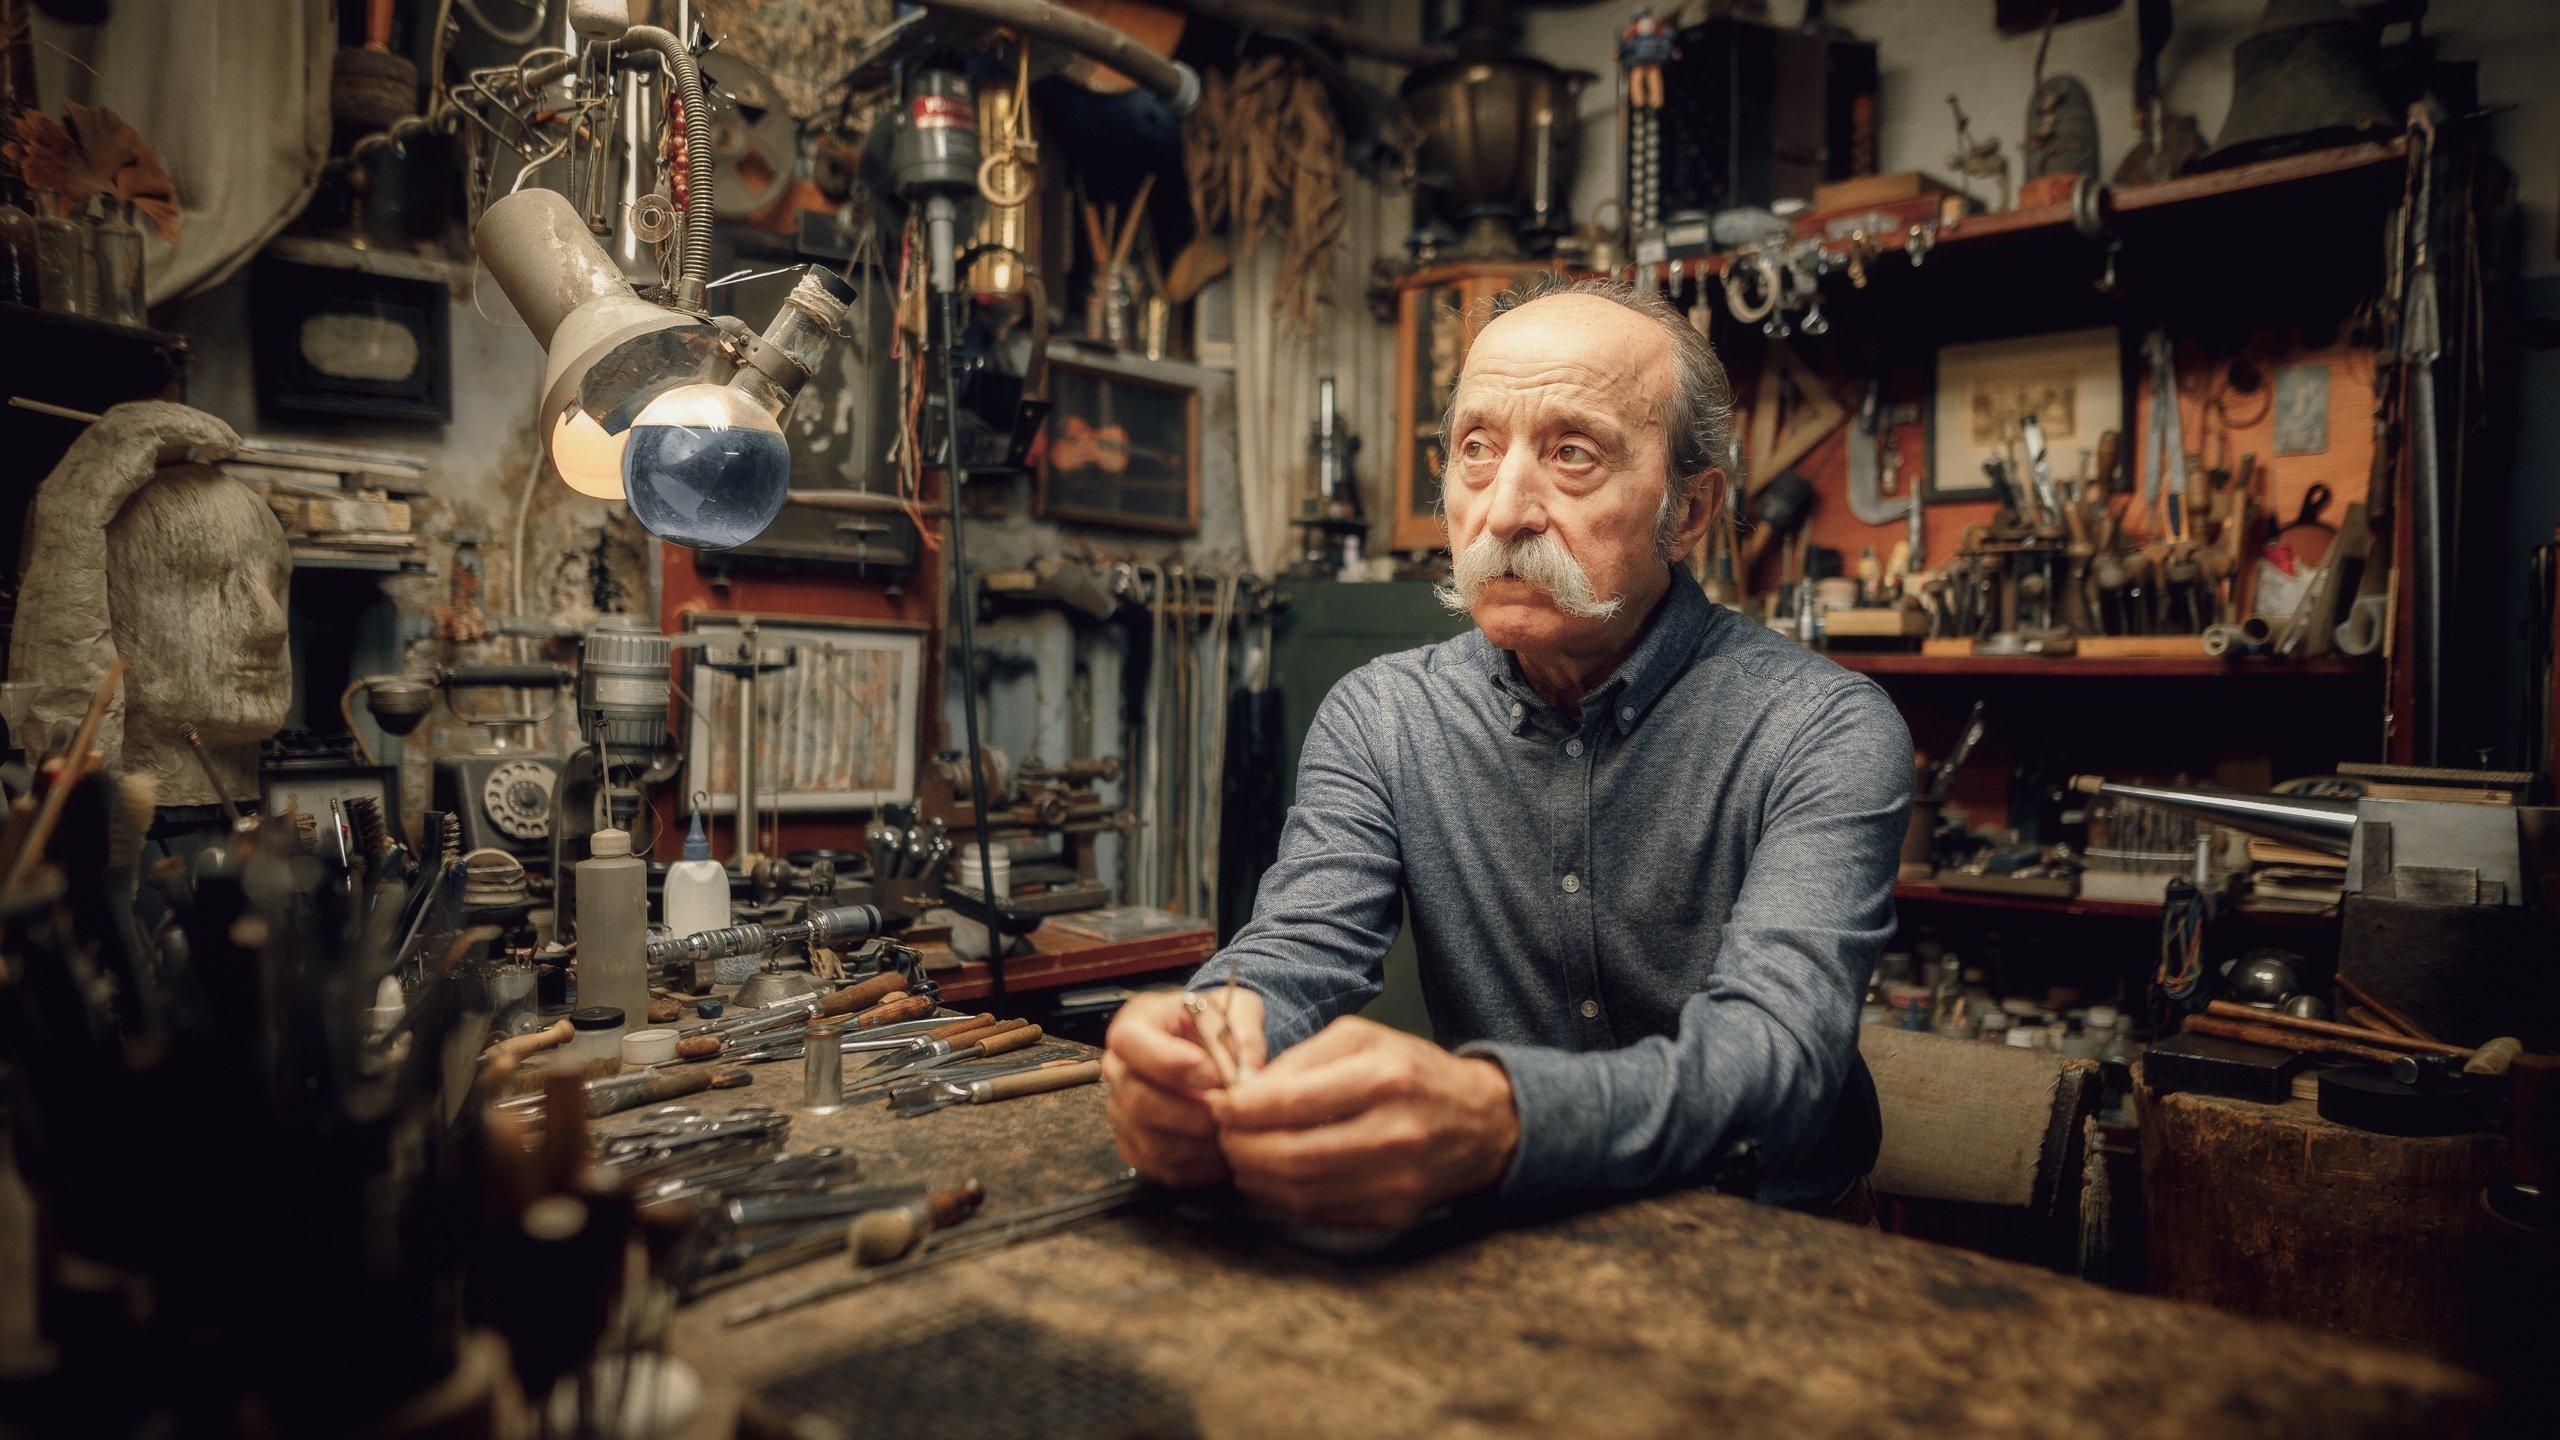 мужчина, портрет, взгляд, усы, мастер, профессионал, дело, художник, Васильев Андрей